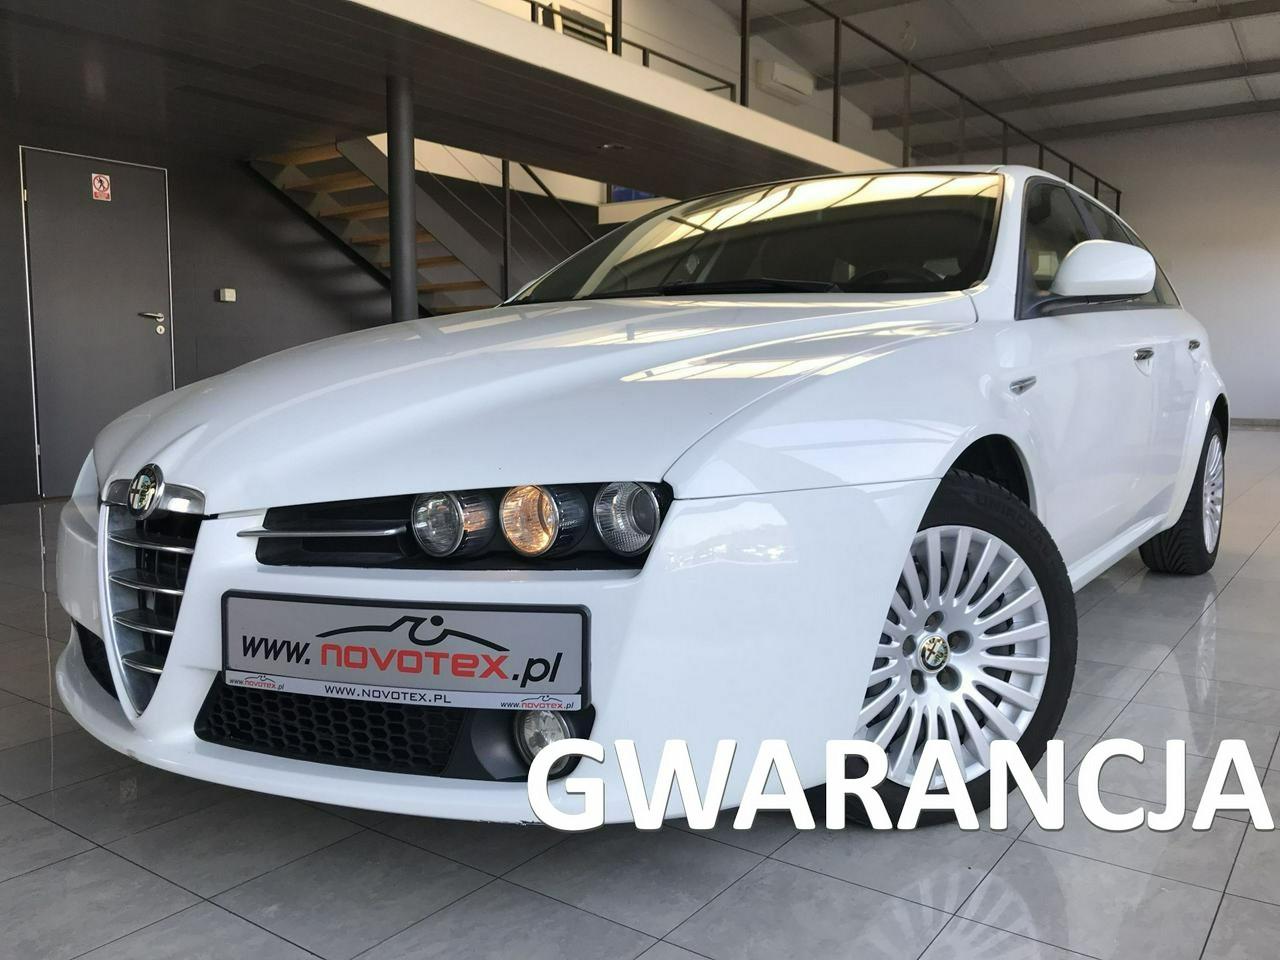 Alfa Romeo 159 2.0JTDm*LIFT 2011*Progression*115Tkm*serwis w ASO*gwarancja VIP